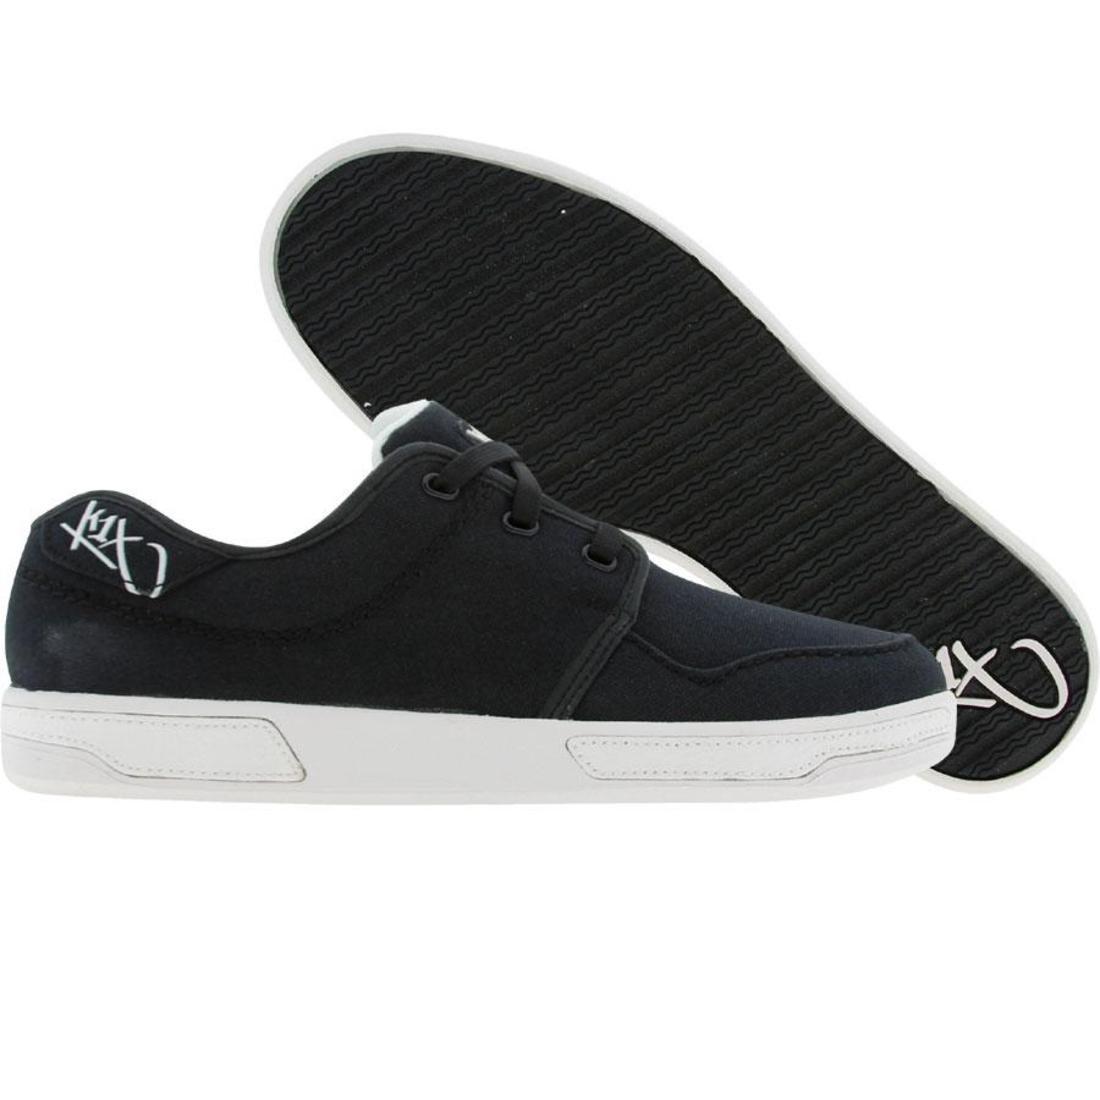 【海外限定】白 ホワイト PYS.COM スニーカー 靴 【 WHITE K1X GOTS 2 CHILL NAVY BLACK EXCLUSIVE 】